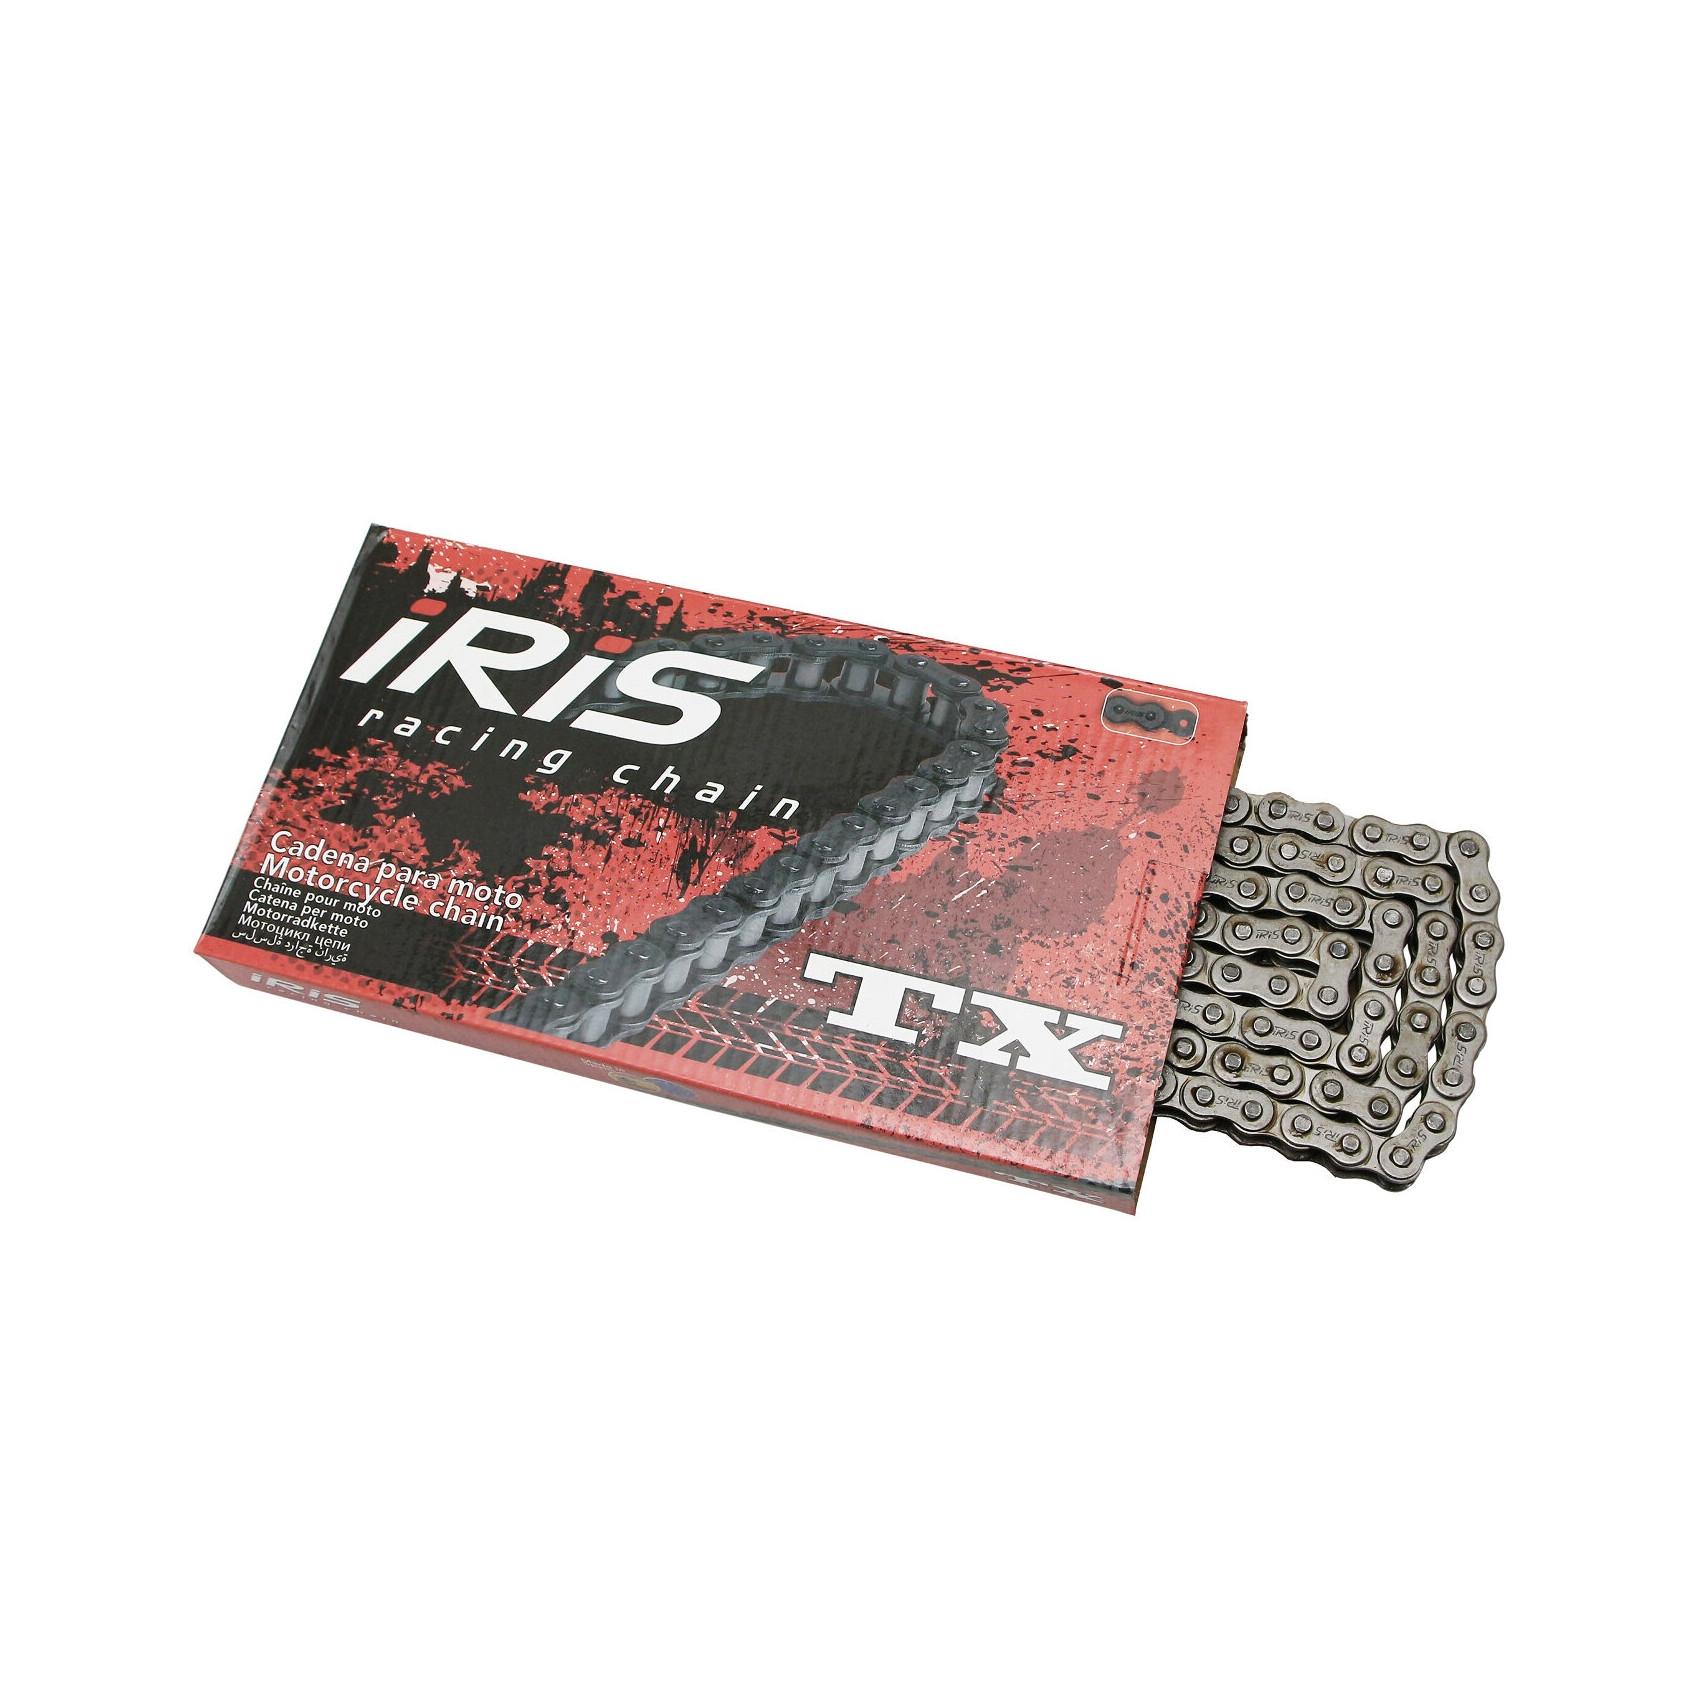 Chaîne Iris Standard 122 maillons Pas 428